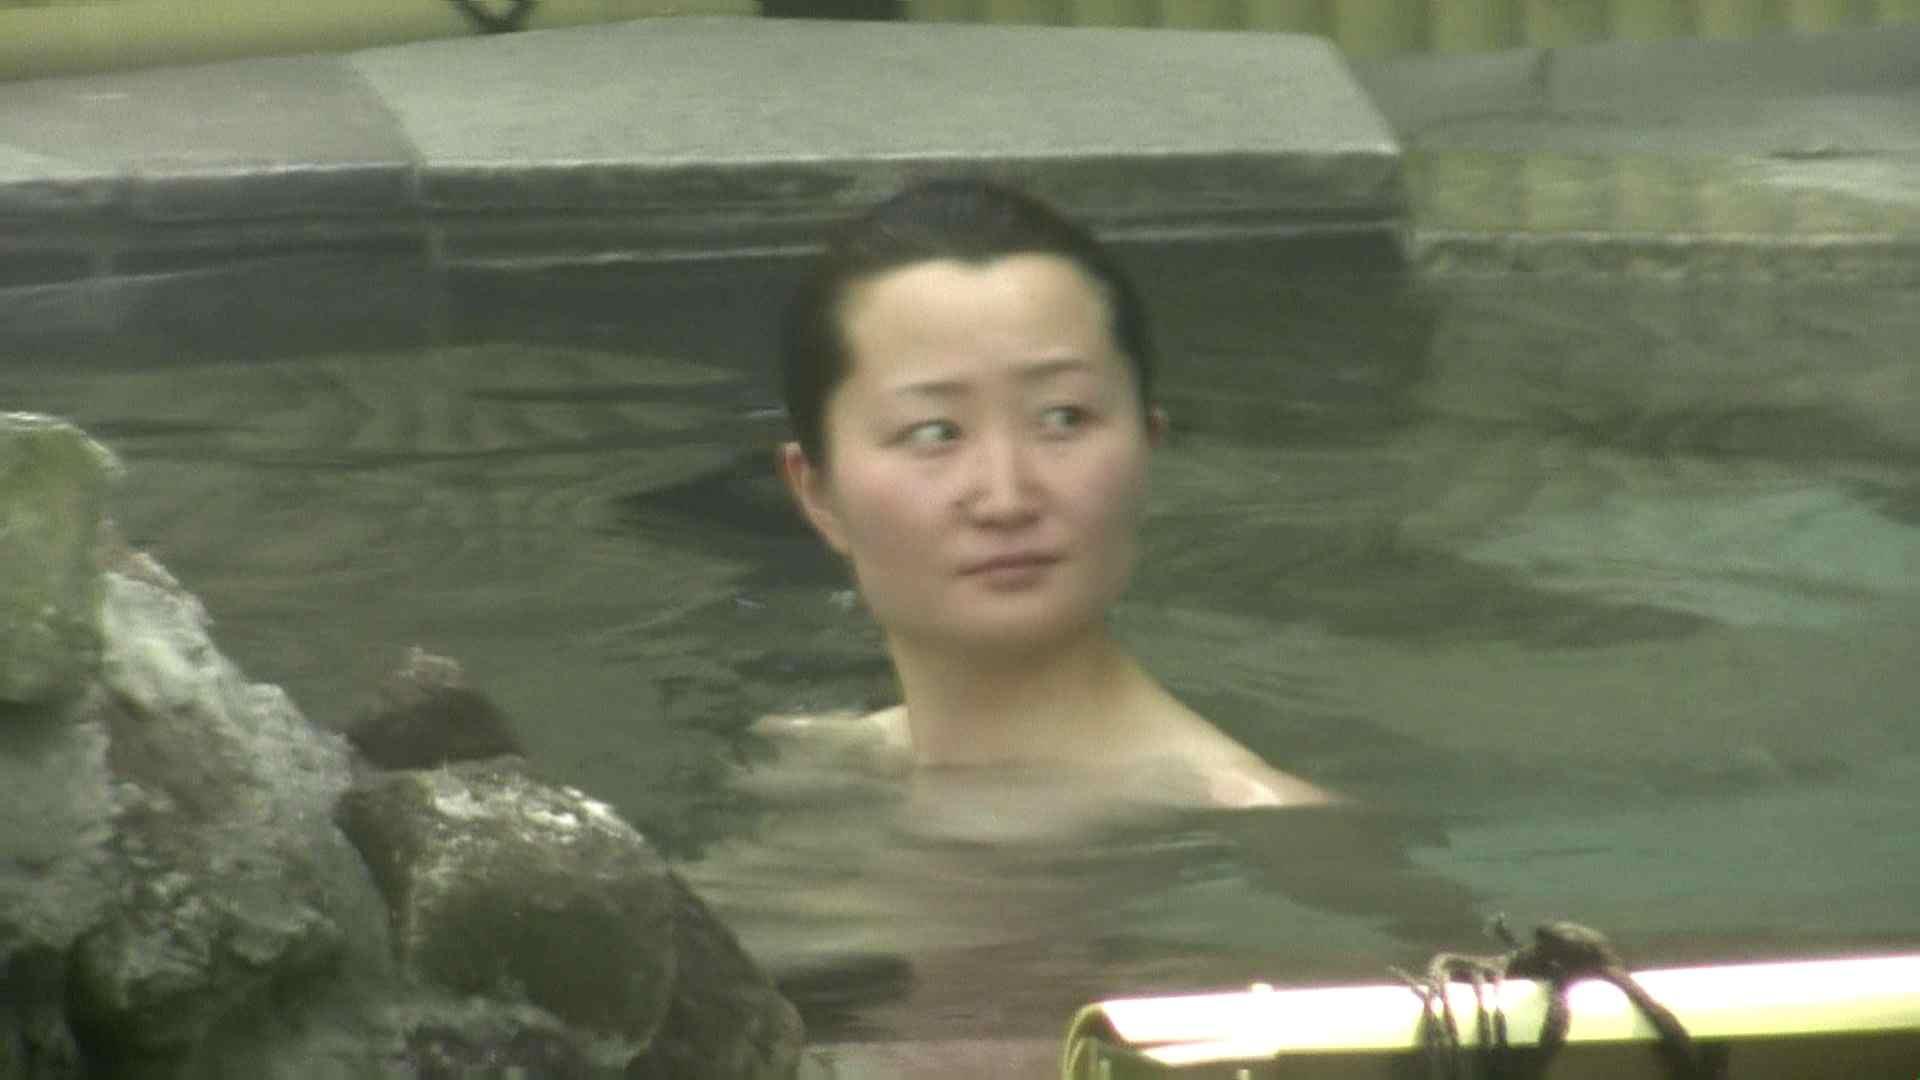 Aquaな露天風呂Vol.632 OL女体 のぞき動画画像 75連発 29